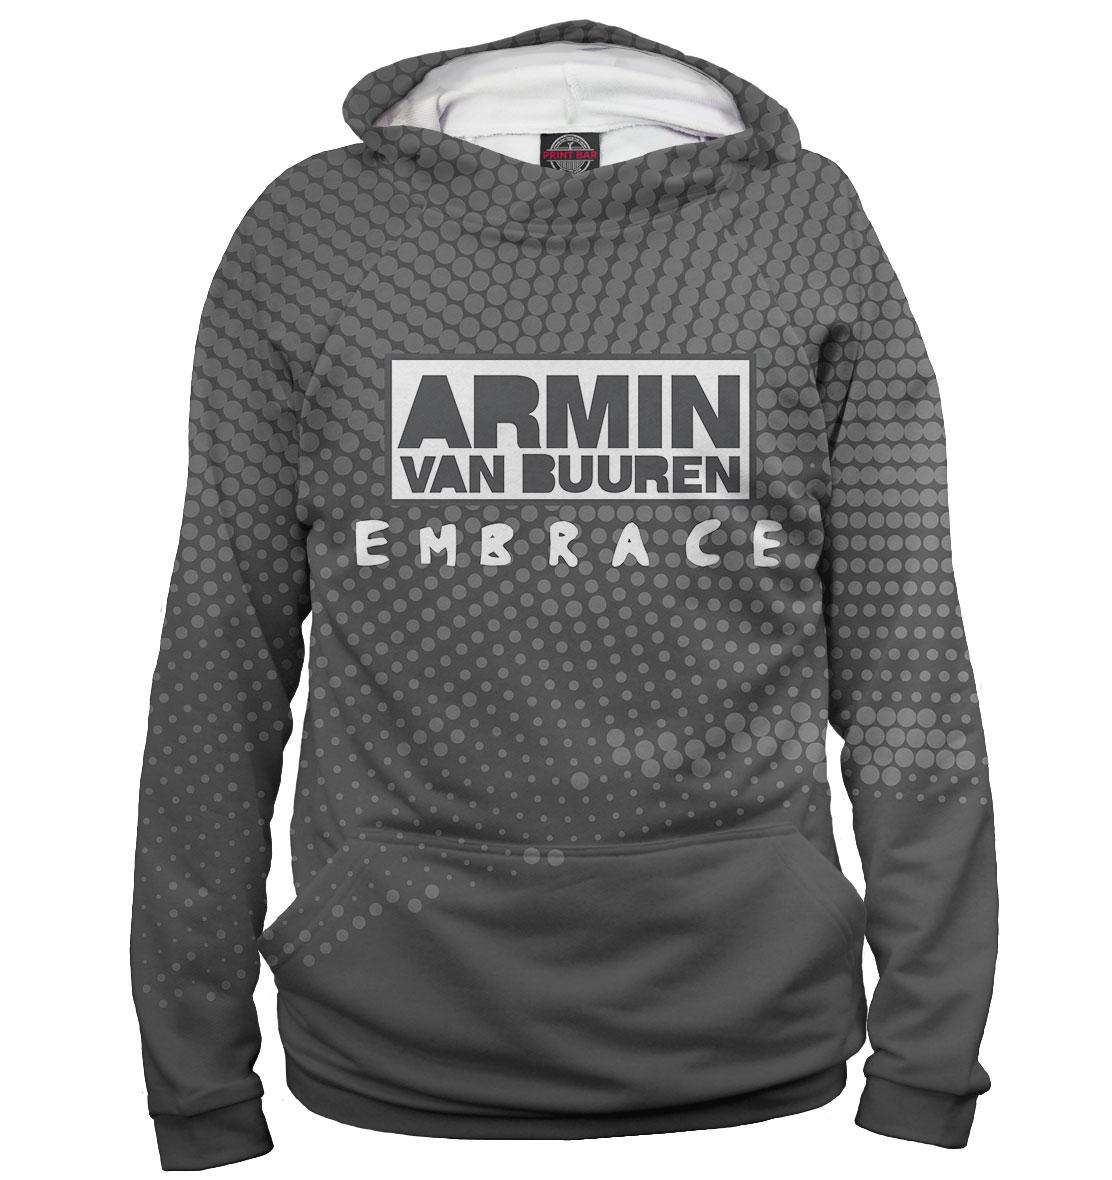 Купить Armin van Buuren, Printbar, Худи, AVB-519502-hud-1